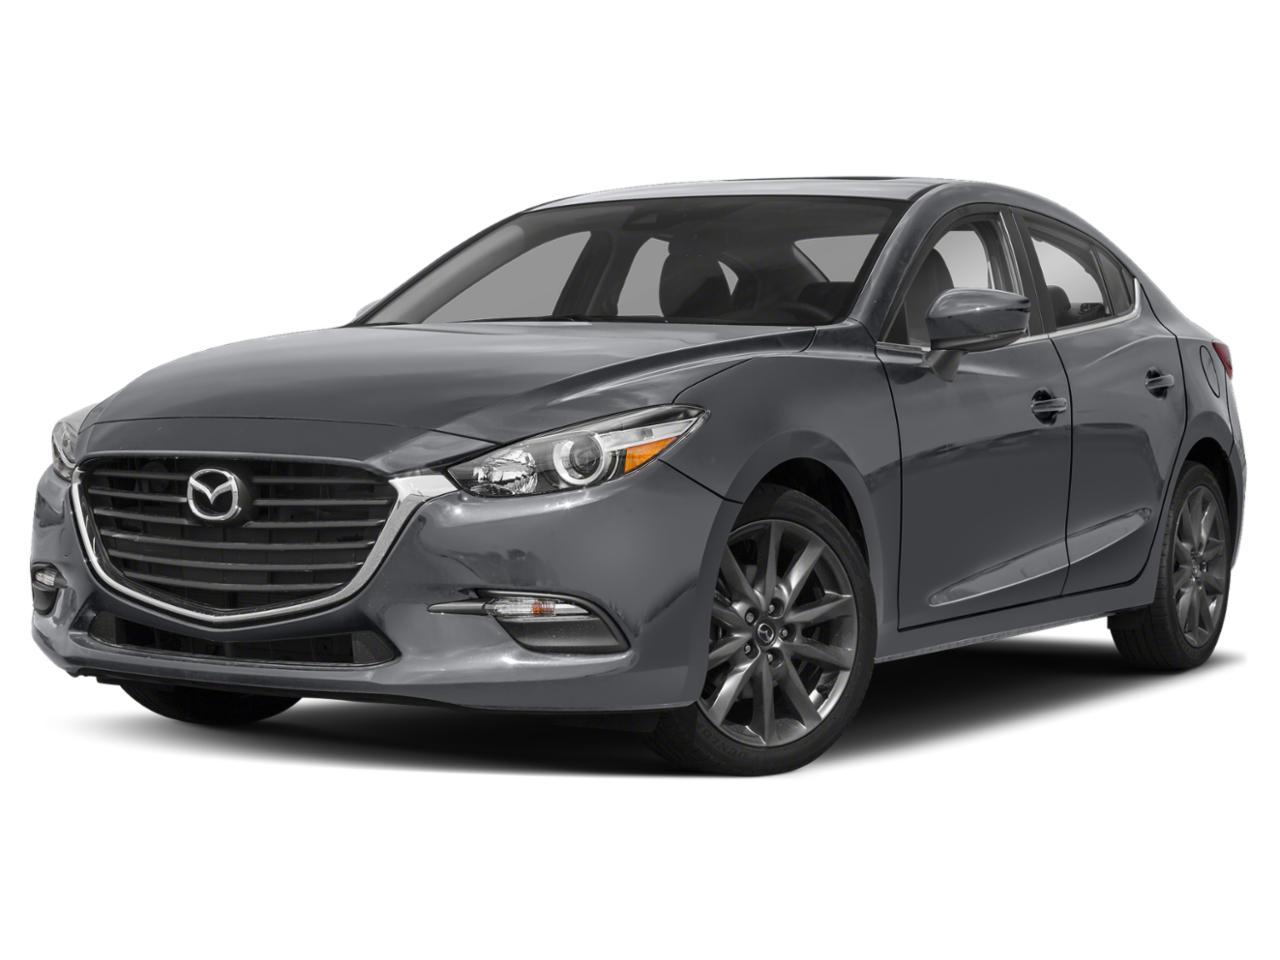 2018 Mazda Mazda3 4-Door Vehicle Photo in Casper, WY 82609